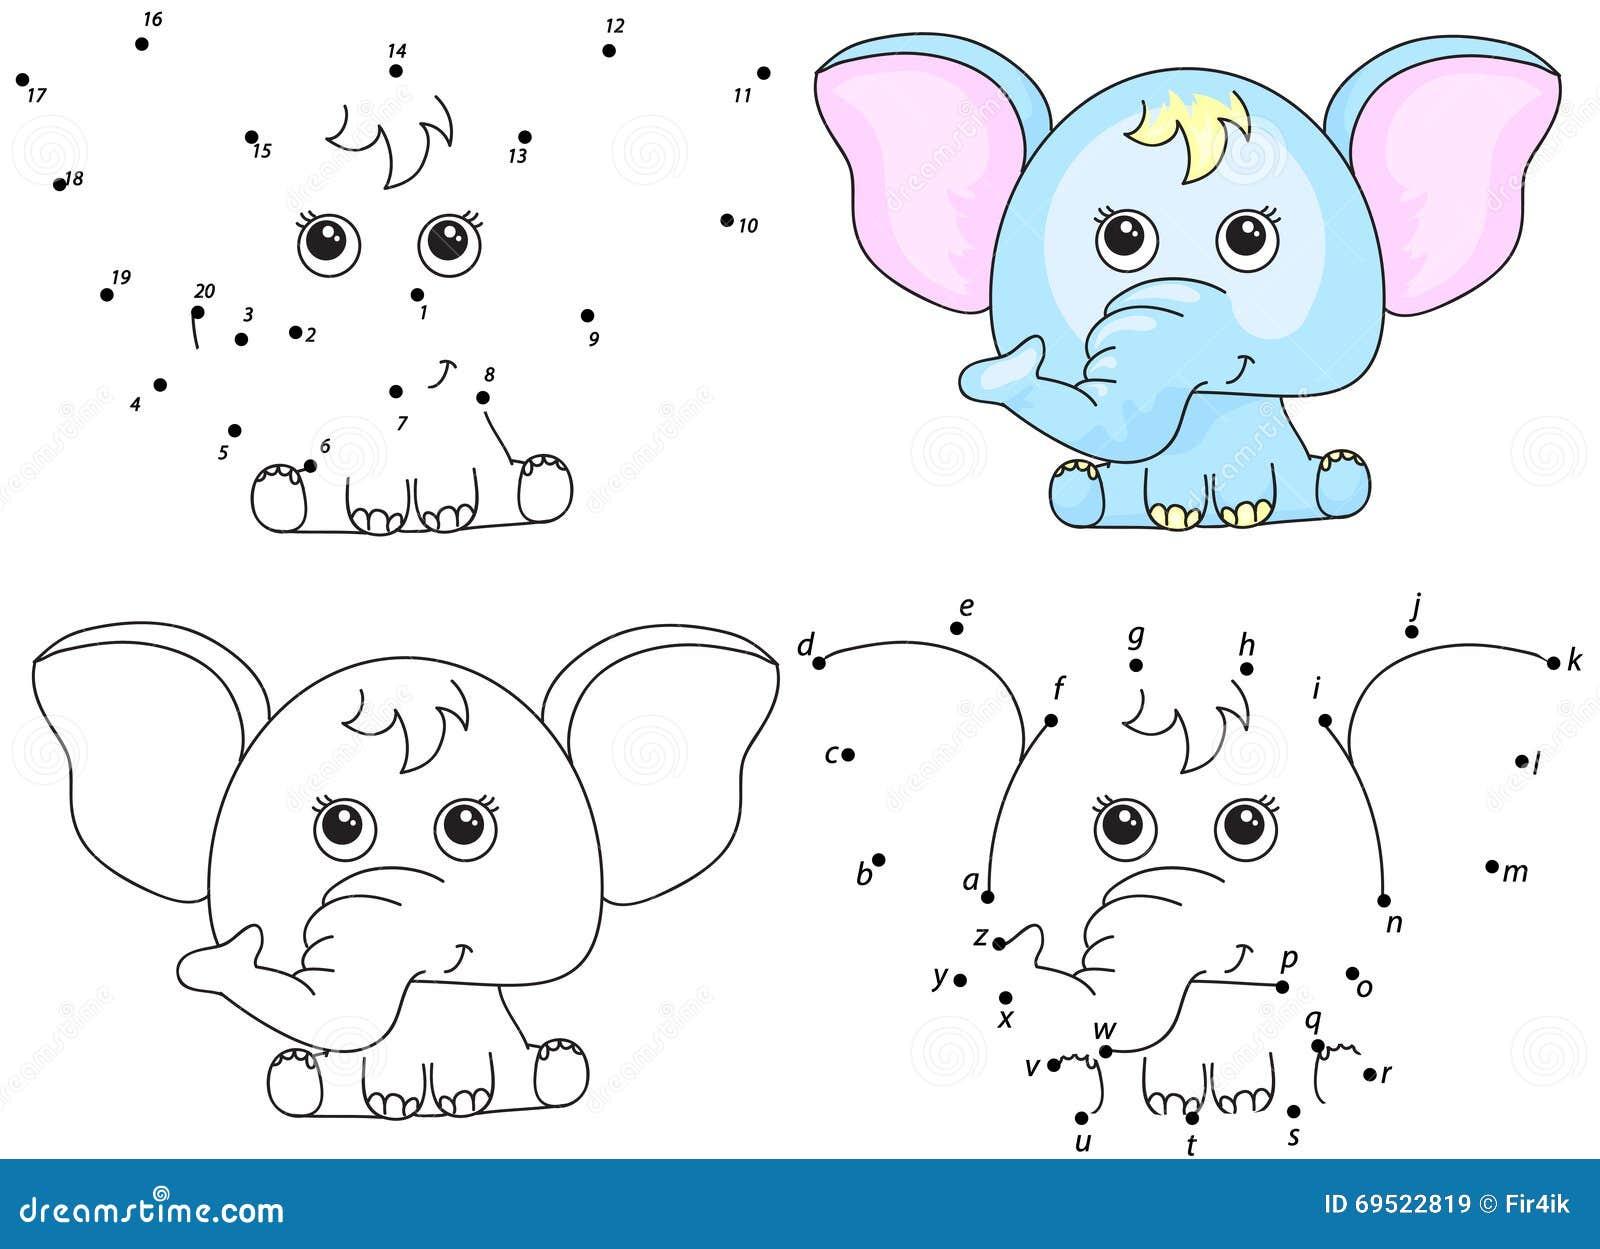 Coloriage Poisson Elephant.Elephant De Dessin Anime Livre De Coloriage Et Point Pour Pointiller